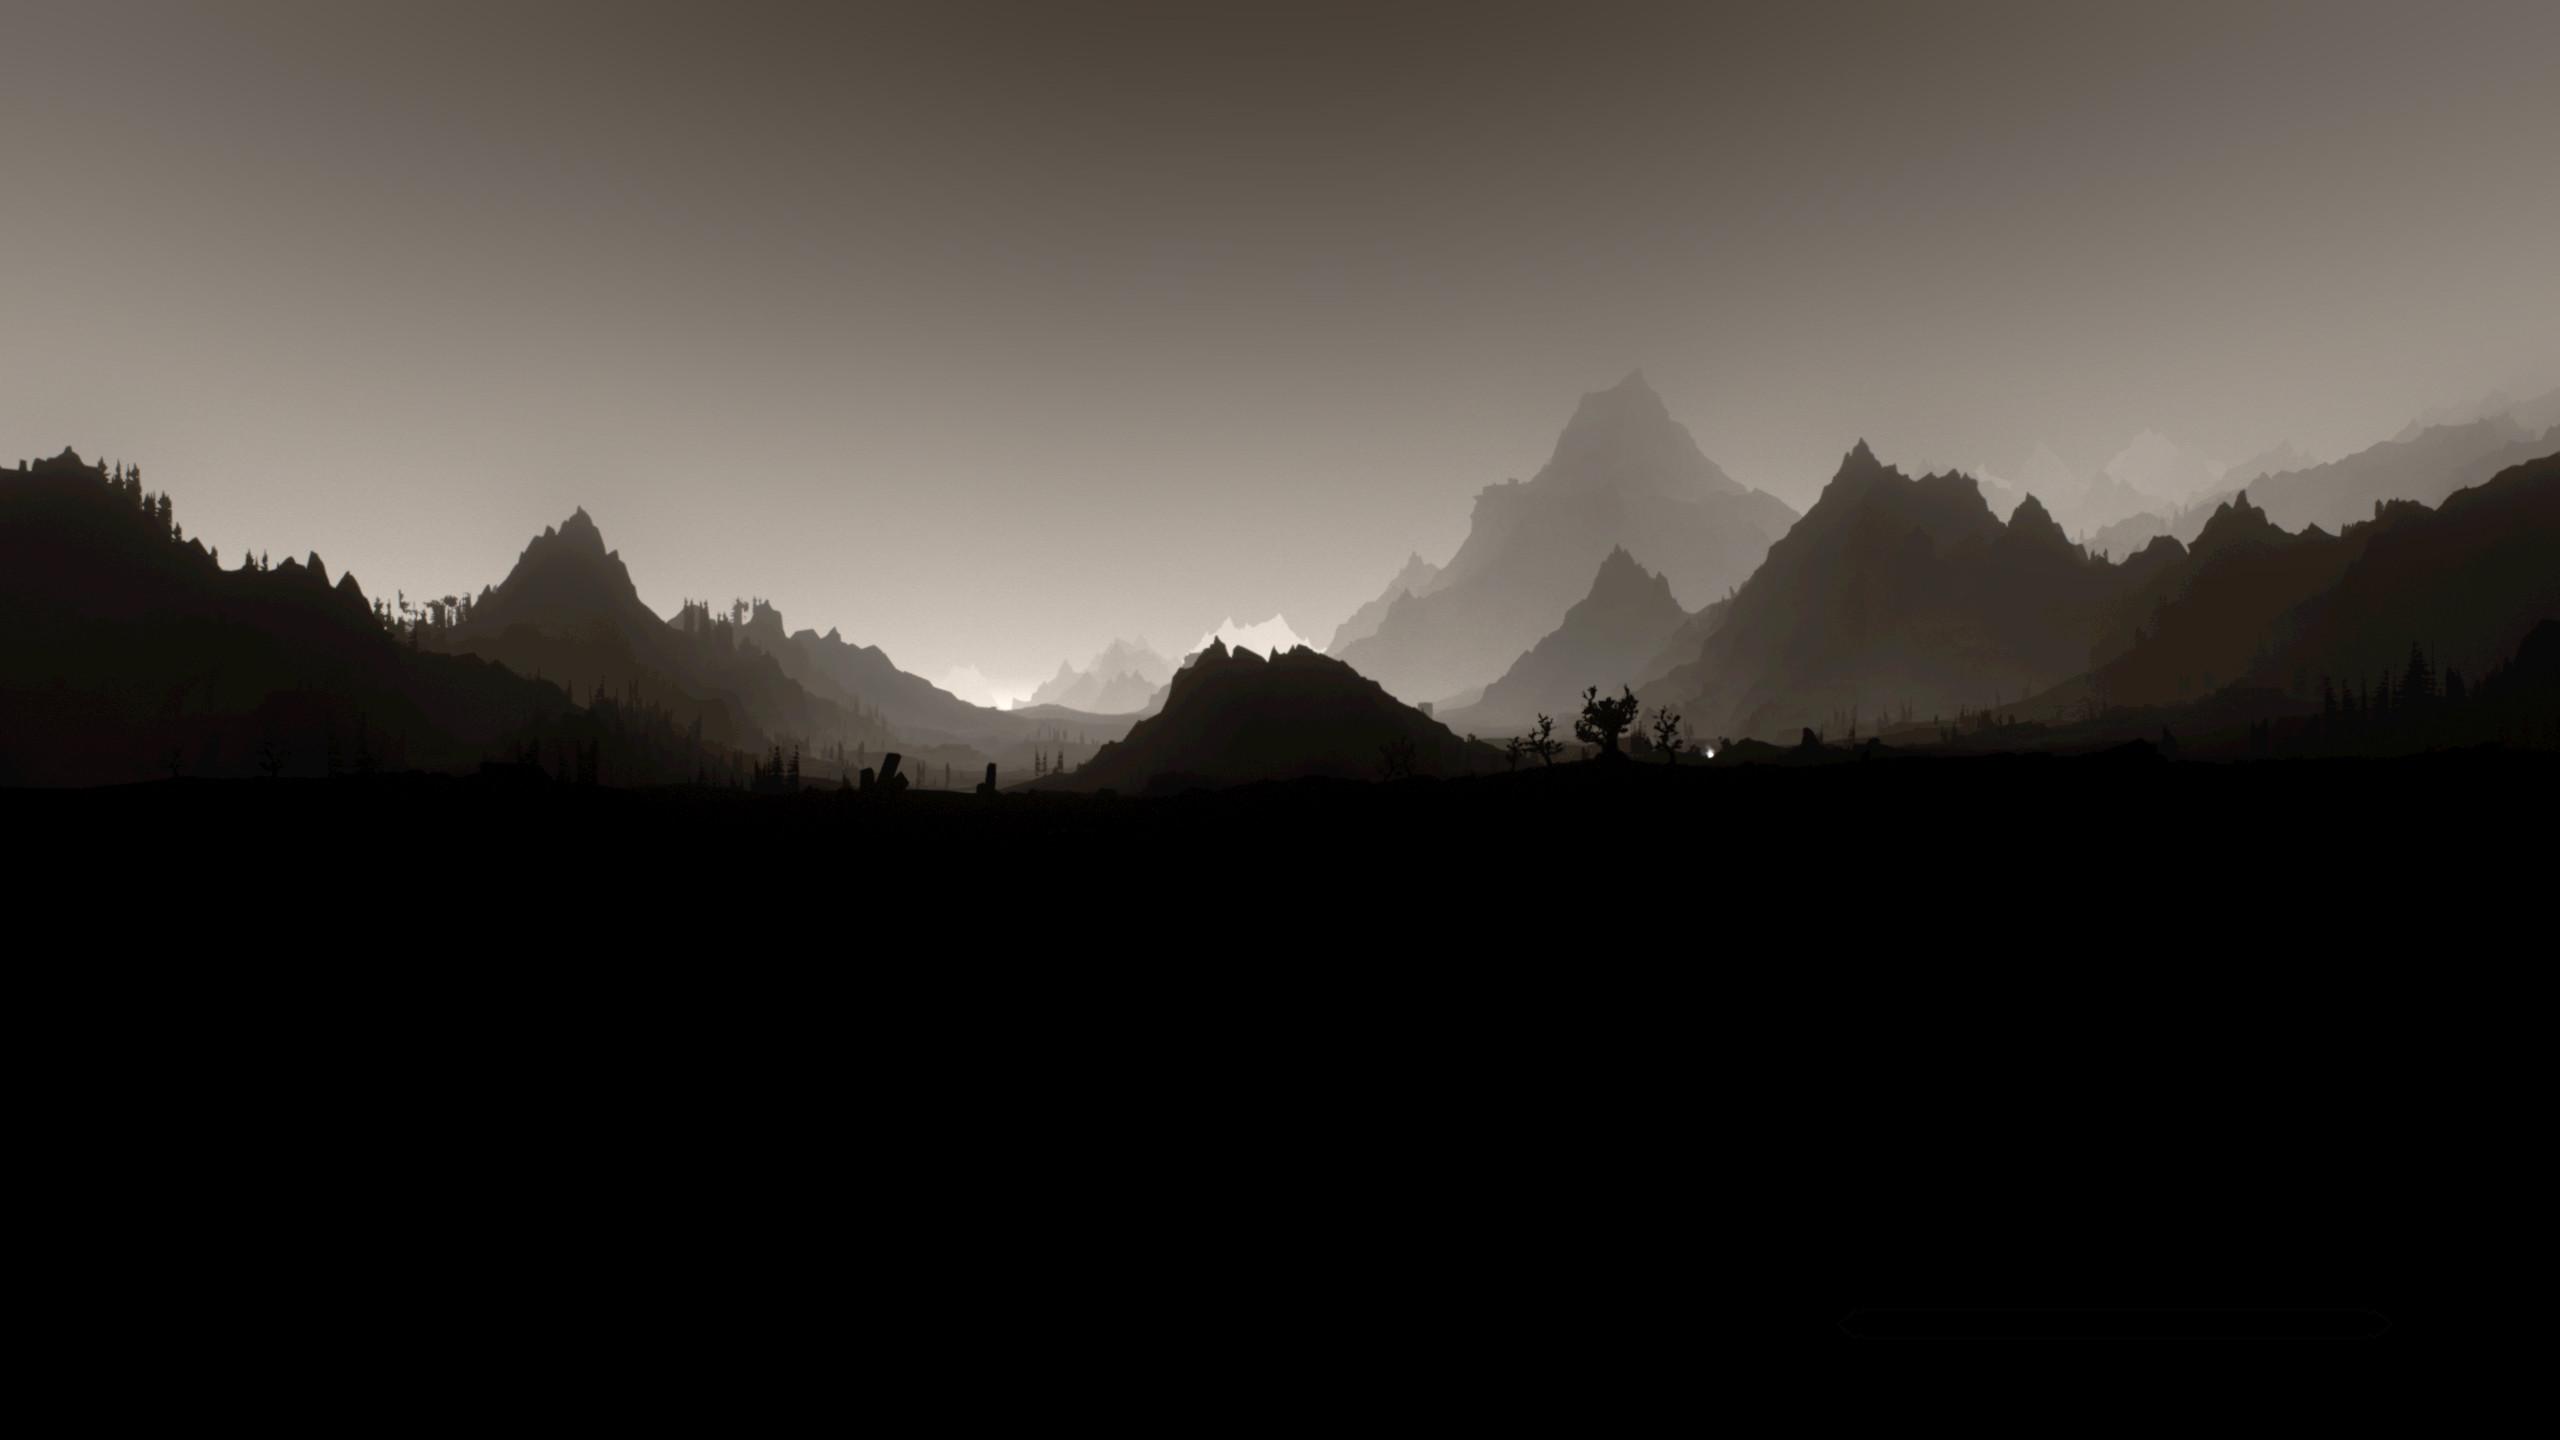 Minimalism Skyrim Background (74+ images)